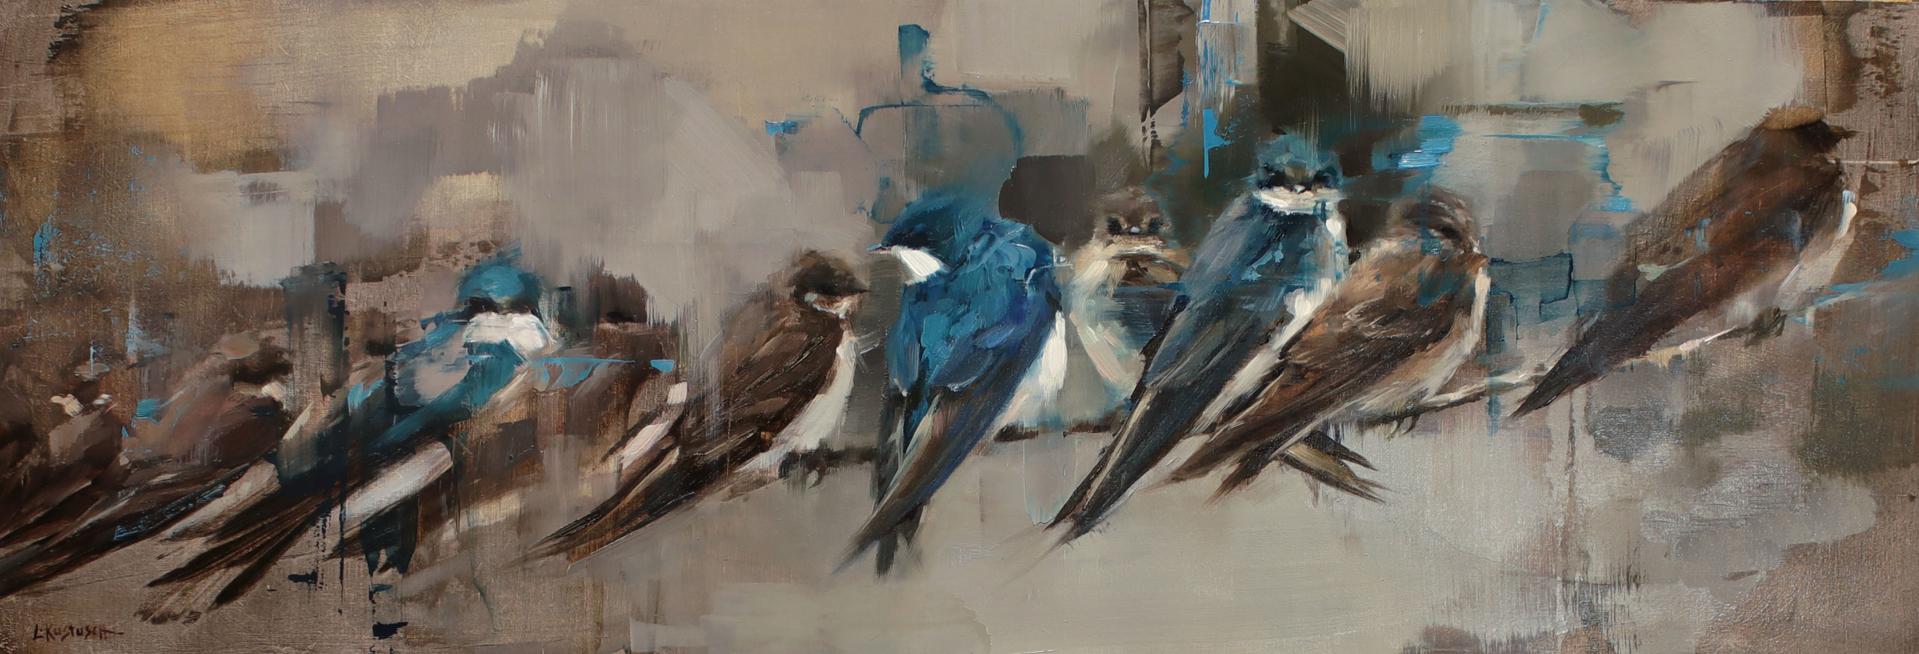 A Flight of Swallows by Lindsey Kustusch